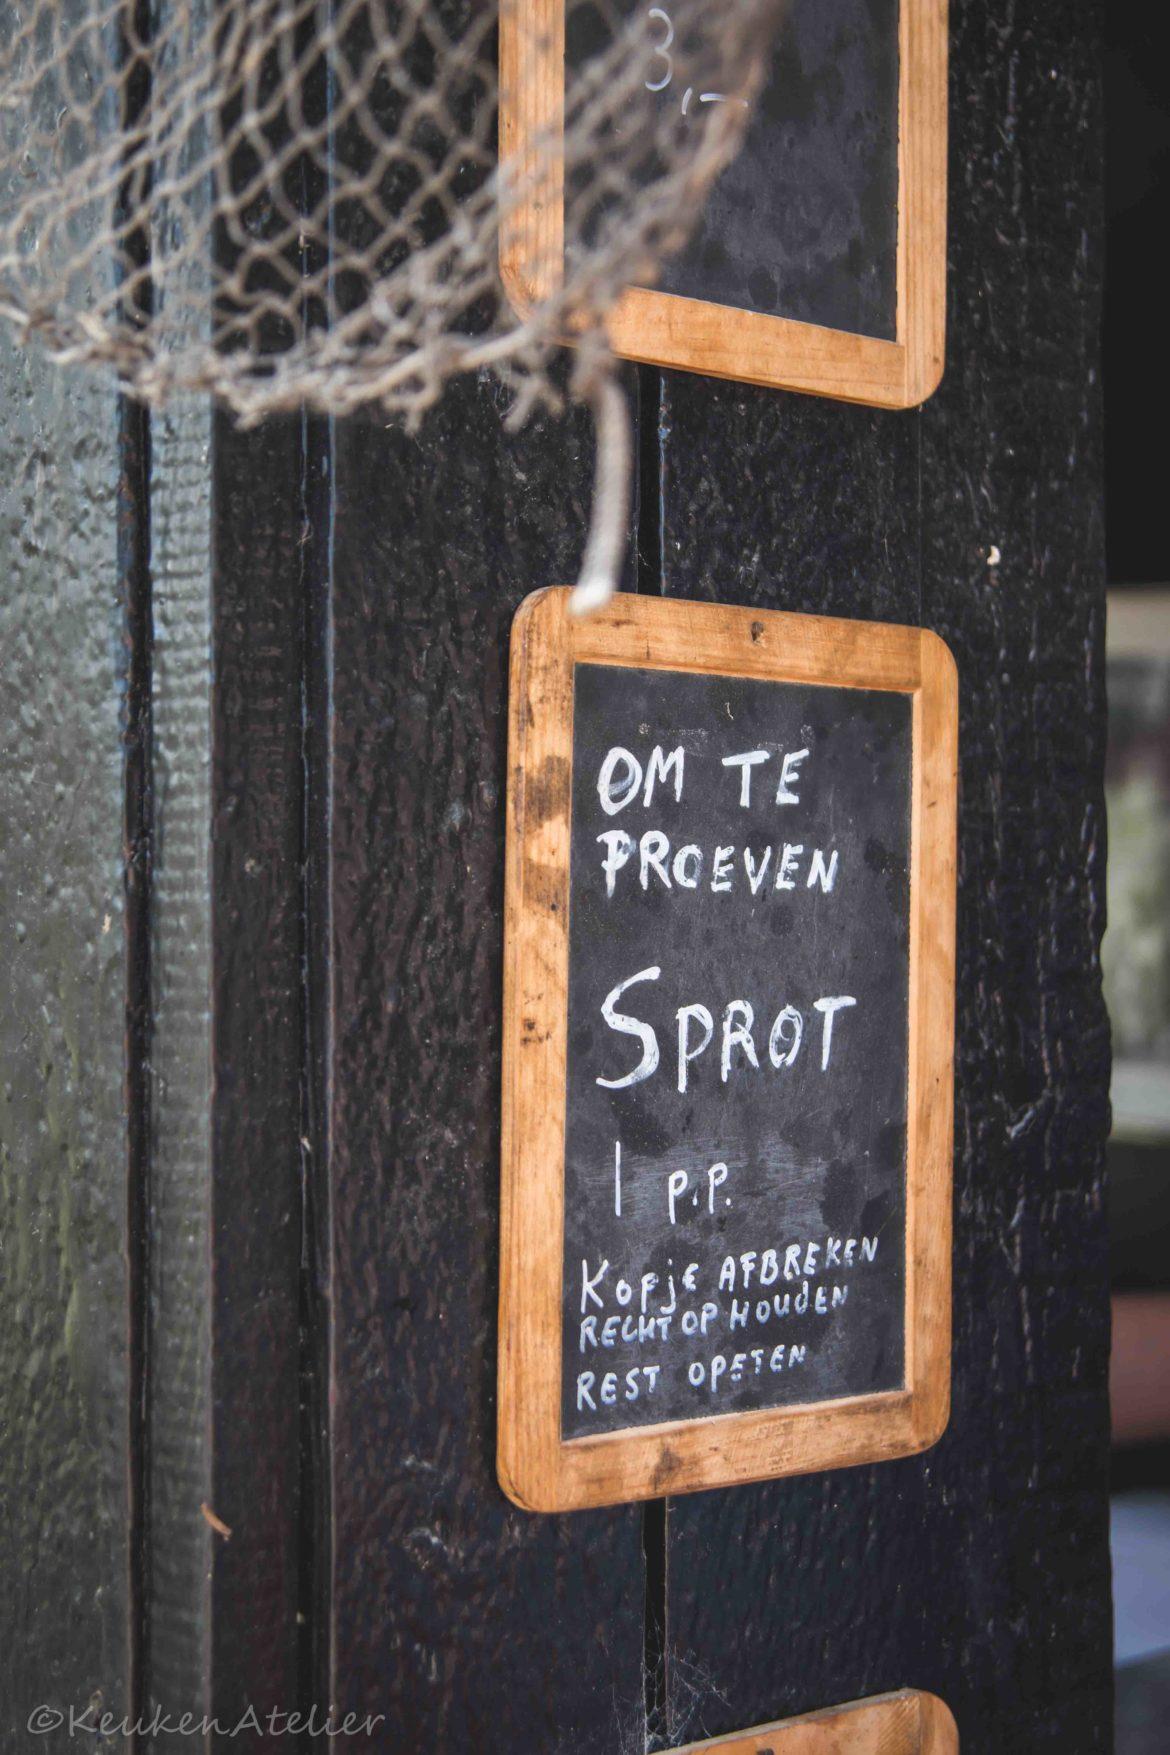 Sprot proeven | KeukenAtelier.com